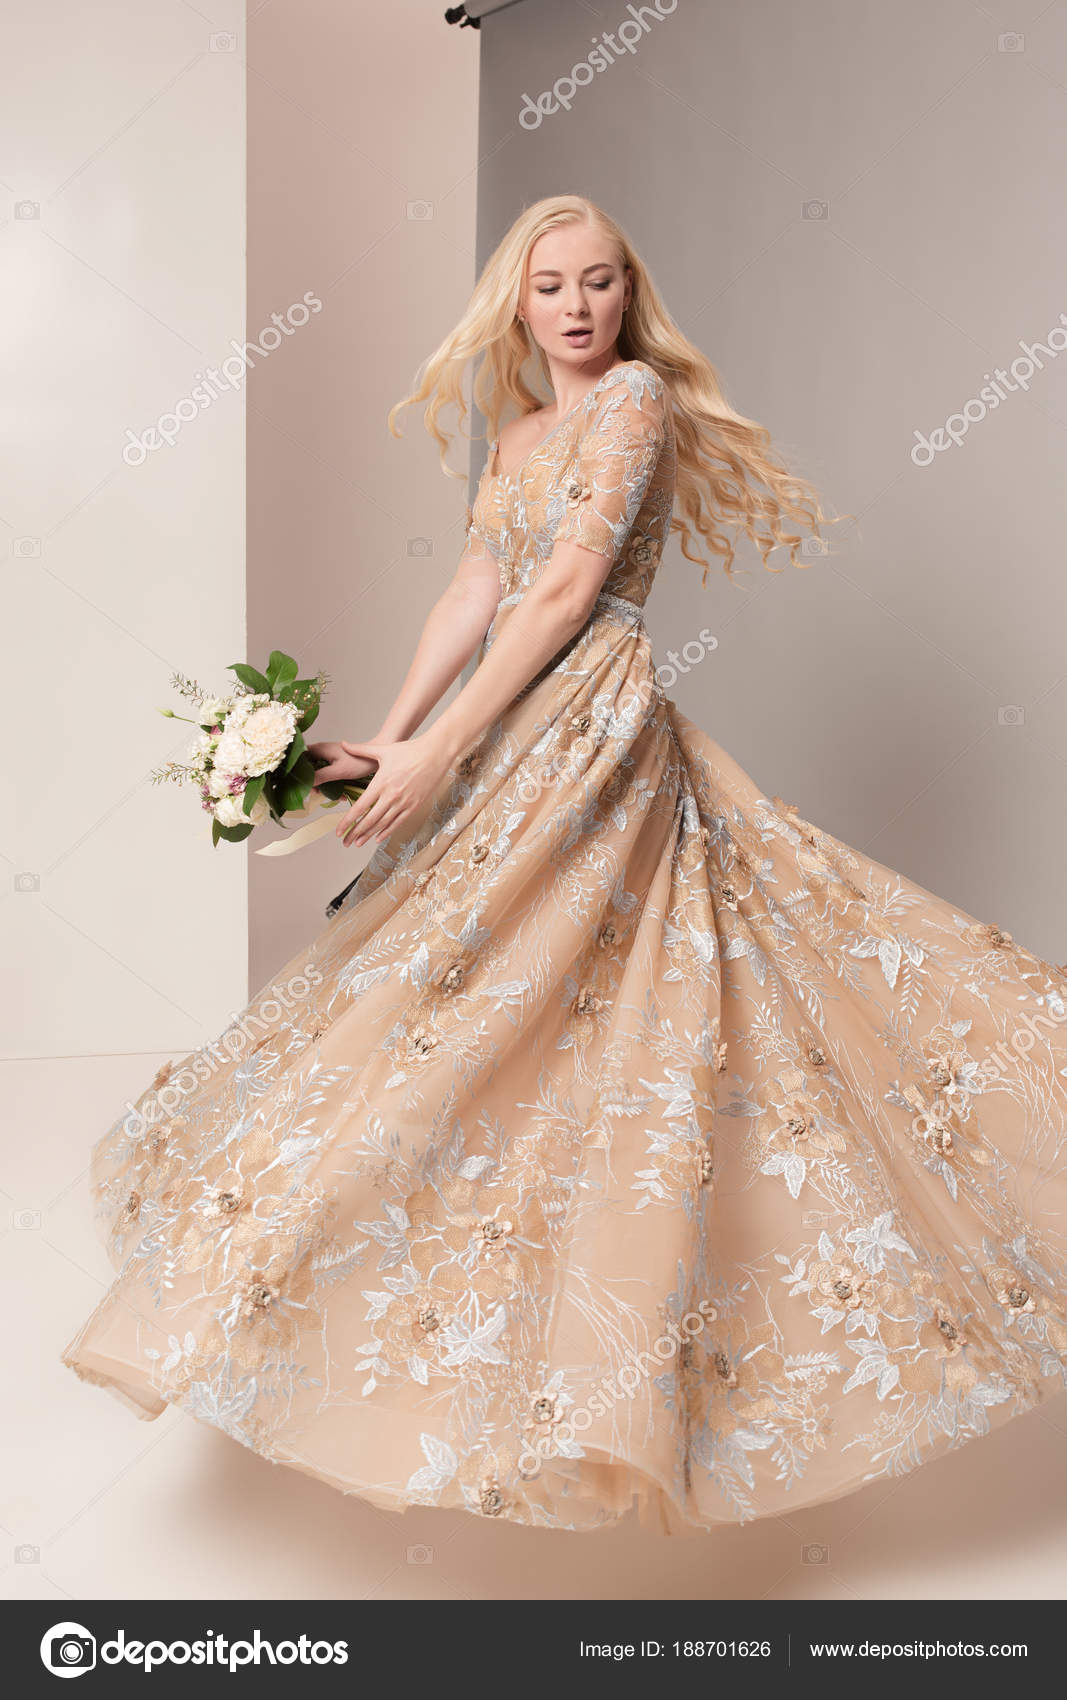 Ik Zoek Een Jurk Voor Een Bruiloft.Bruid In Mooie Jurk Permanent Binnenshuis In Witte Studio Interieur